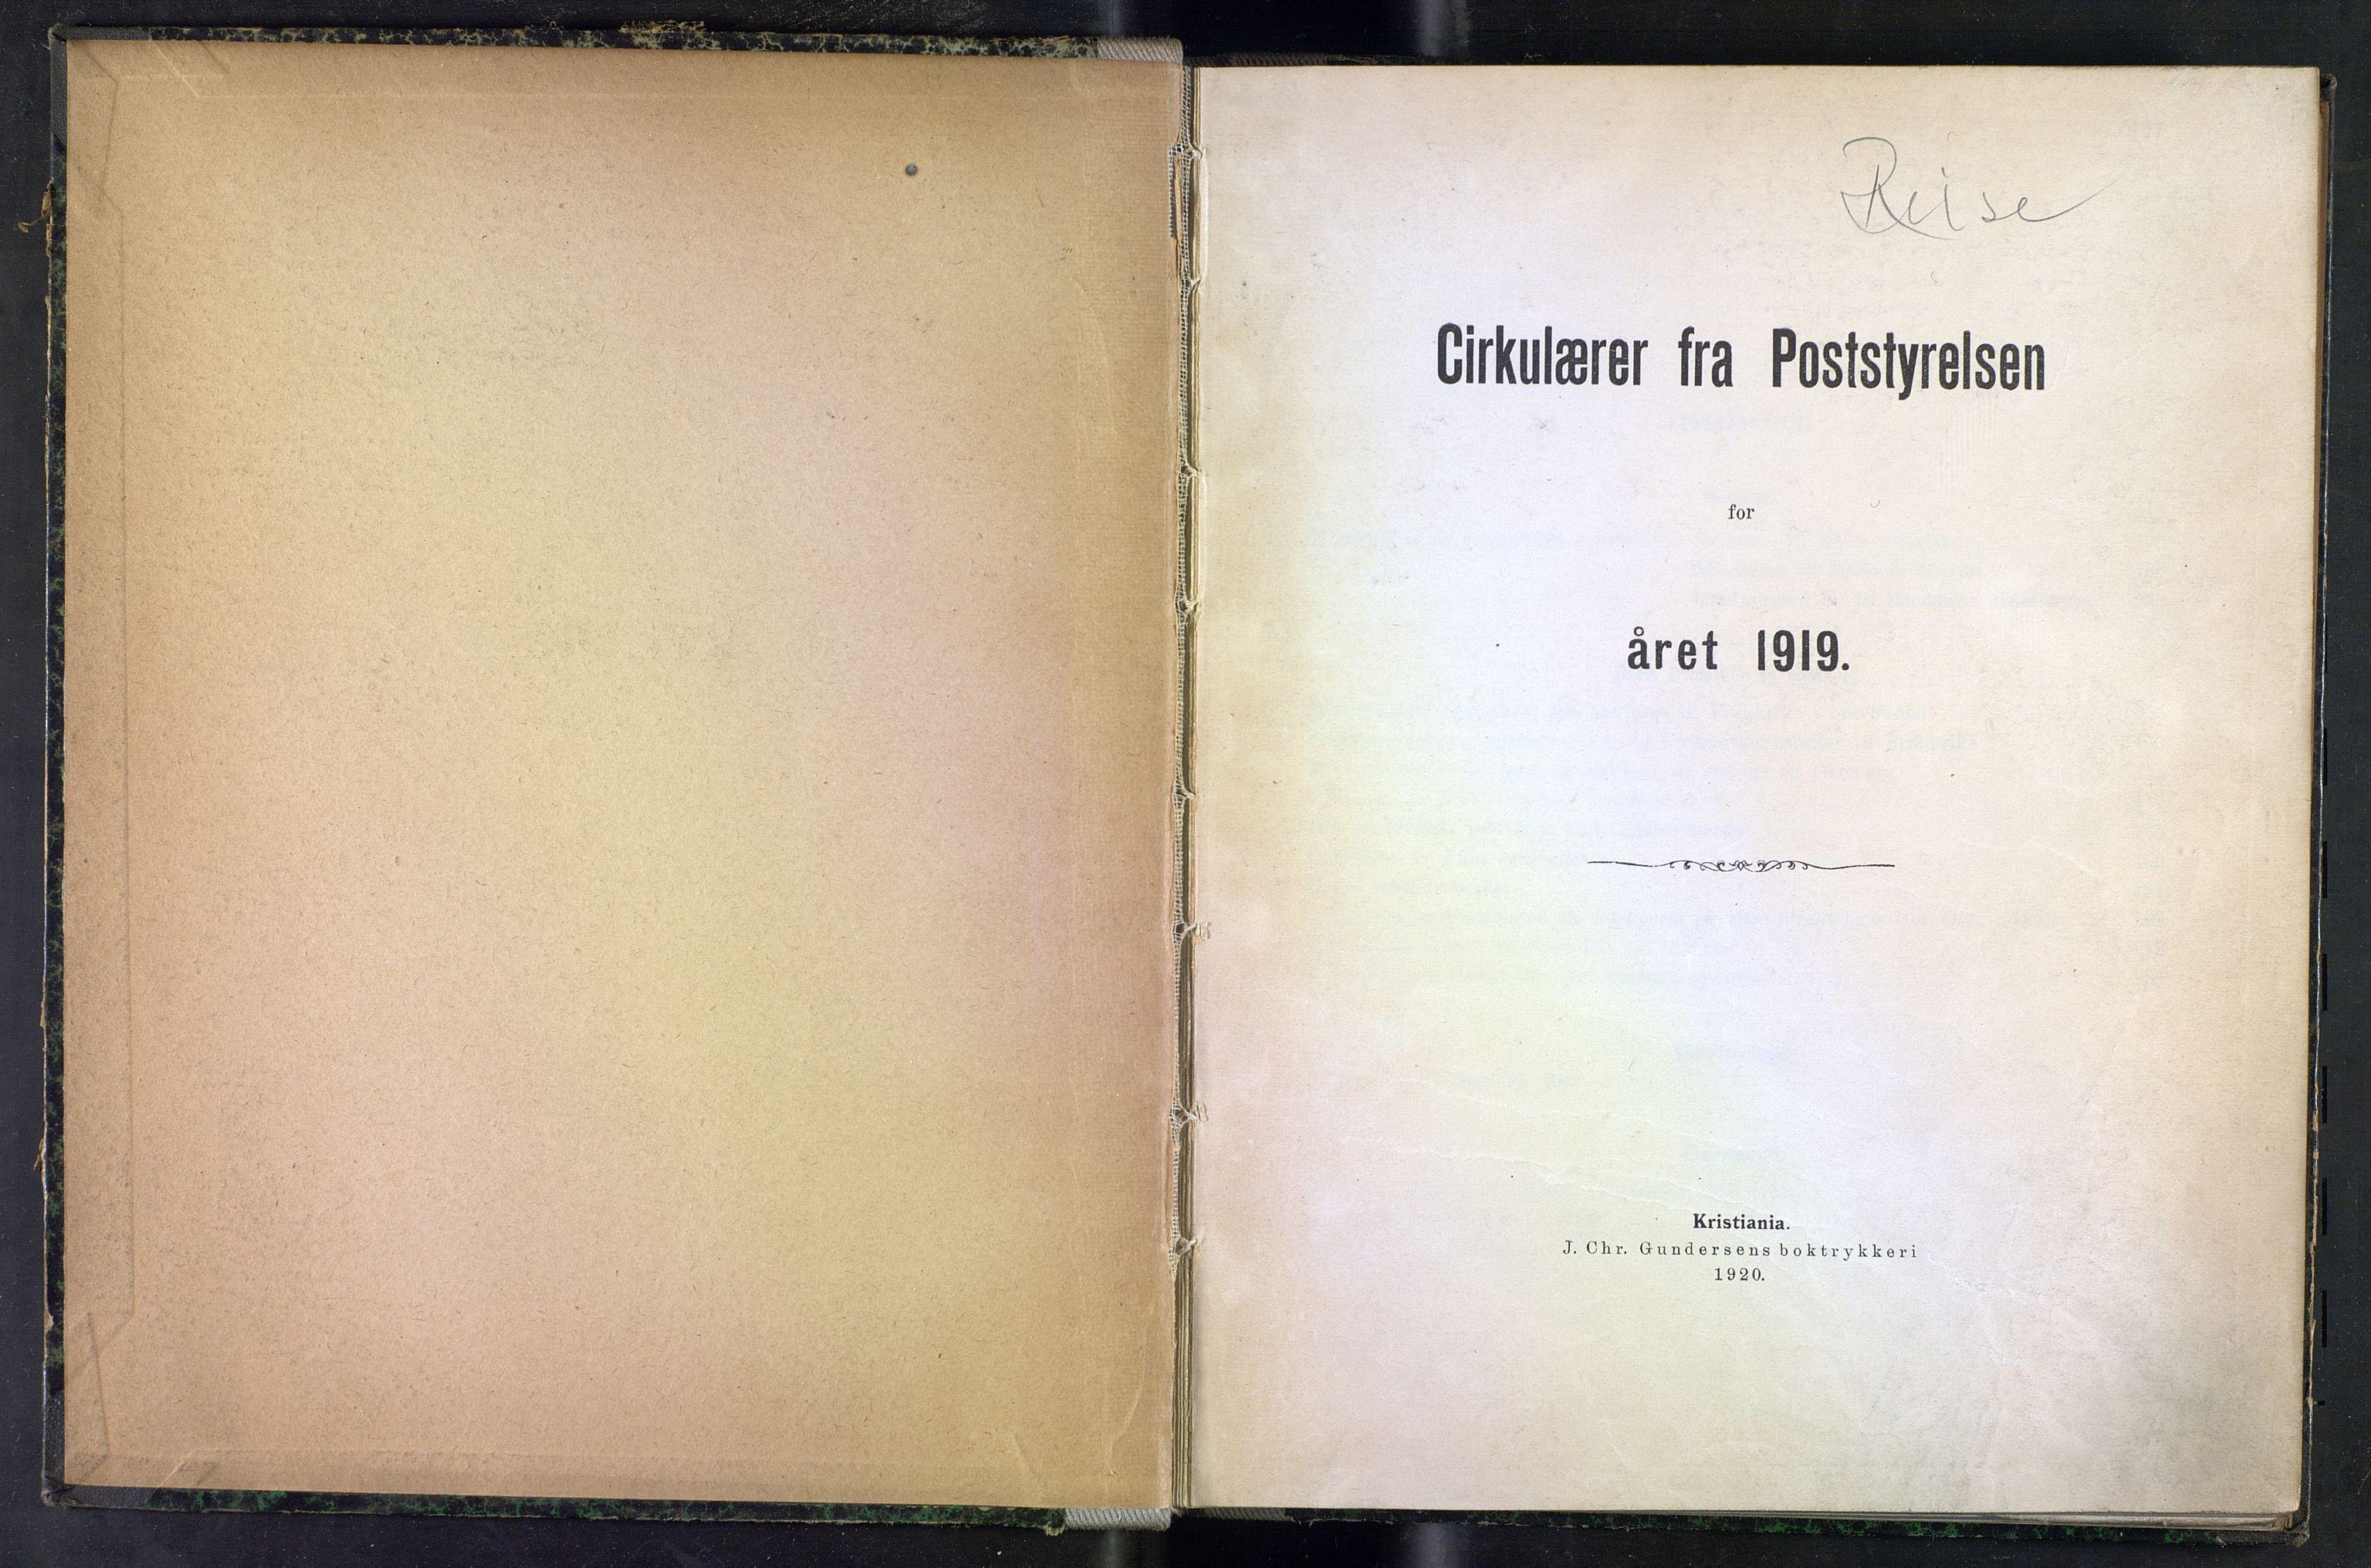 NOPO, Norges Postmuseums bibliotek, -/-: Sirkulærer fra Poststyrelsen, 1919